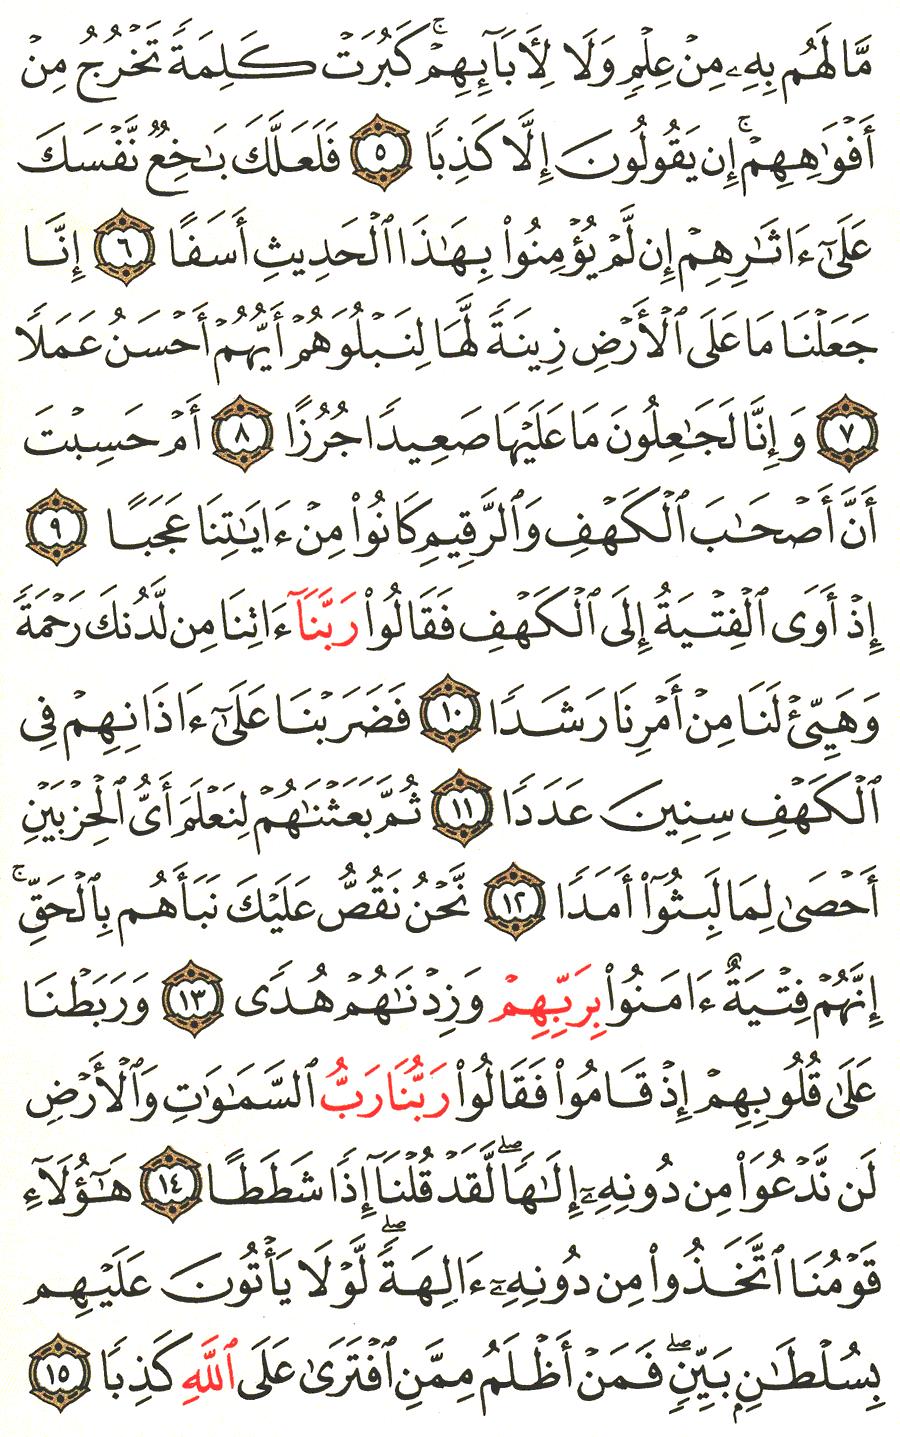 تفسير الآية 5 إلى 15 من سورة الكهف التفسير الميسر